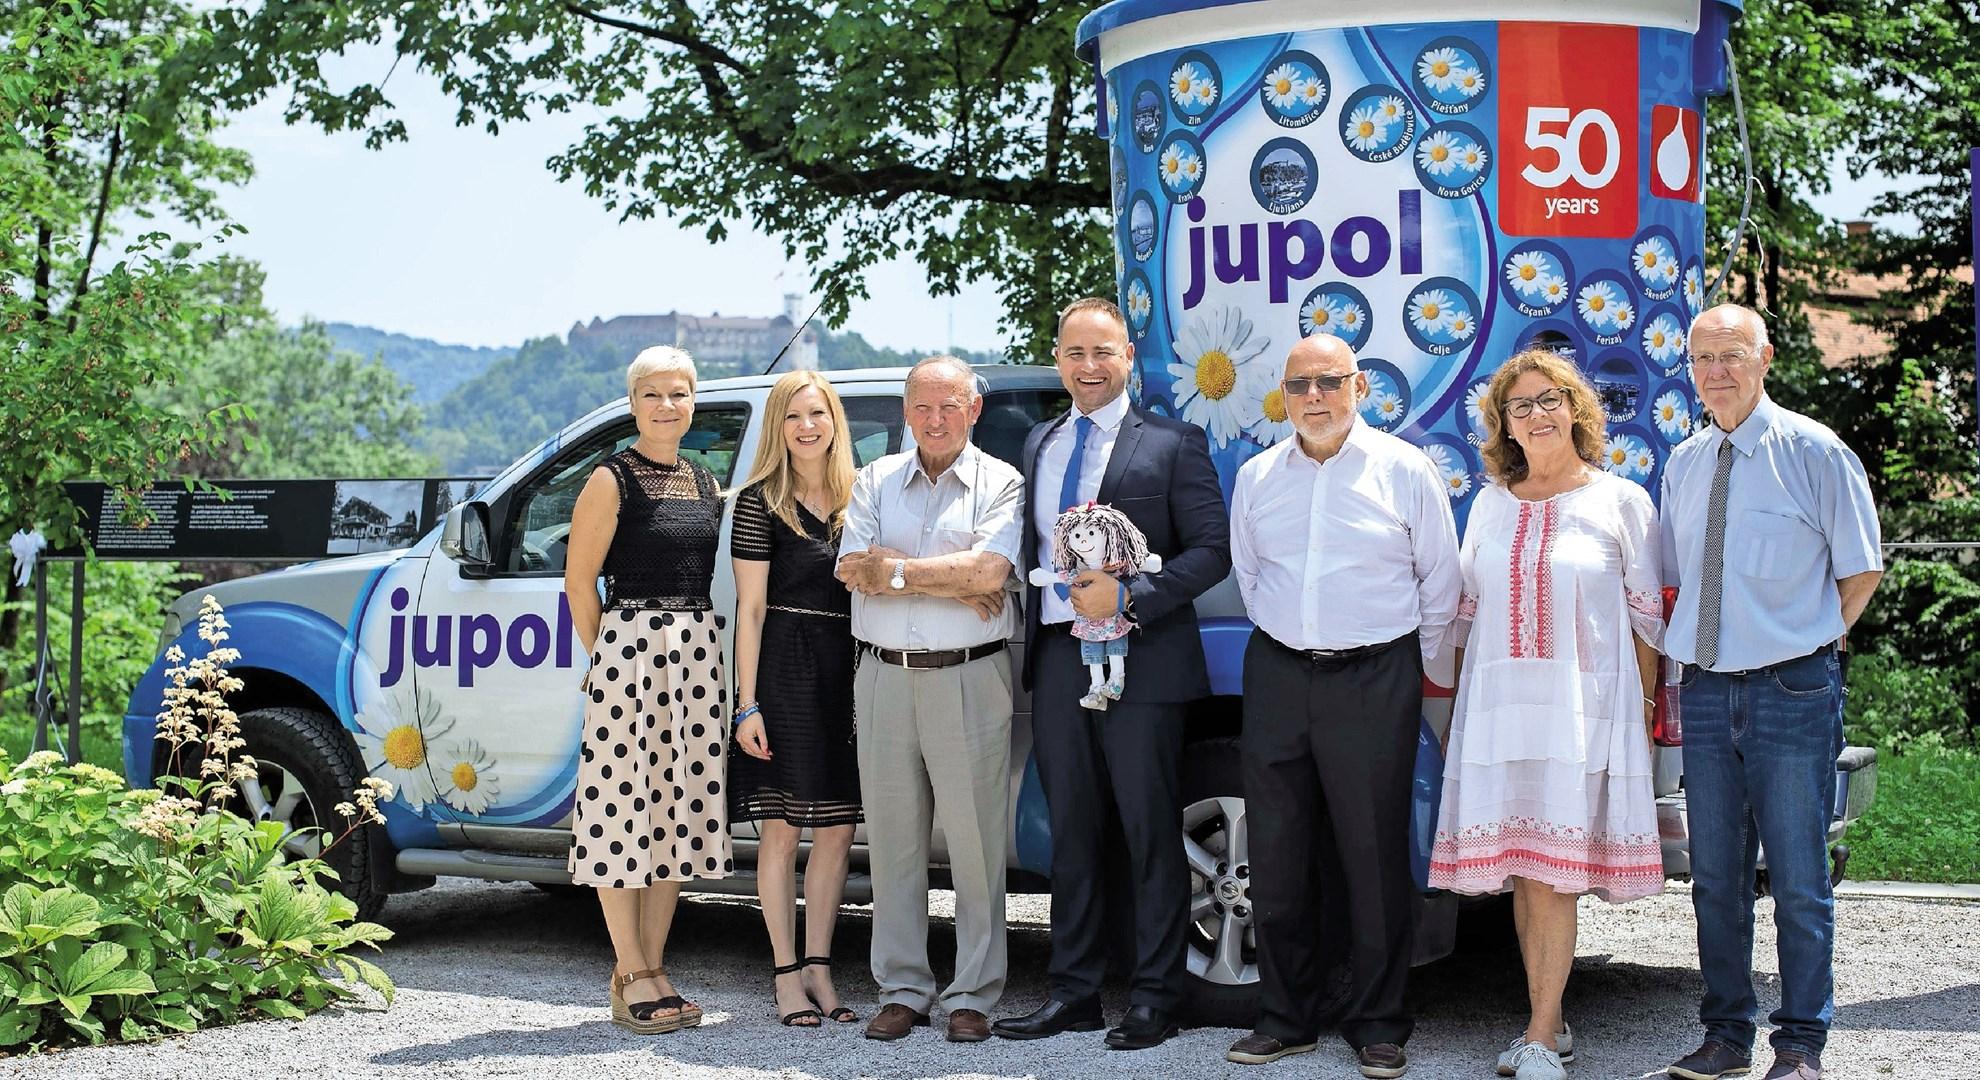 Zaznamovali 50-letnico blagovne znamke JUPOL